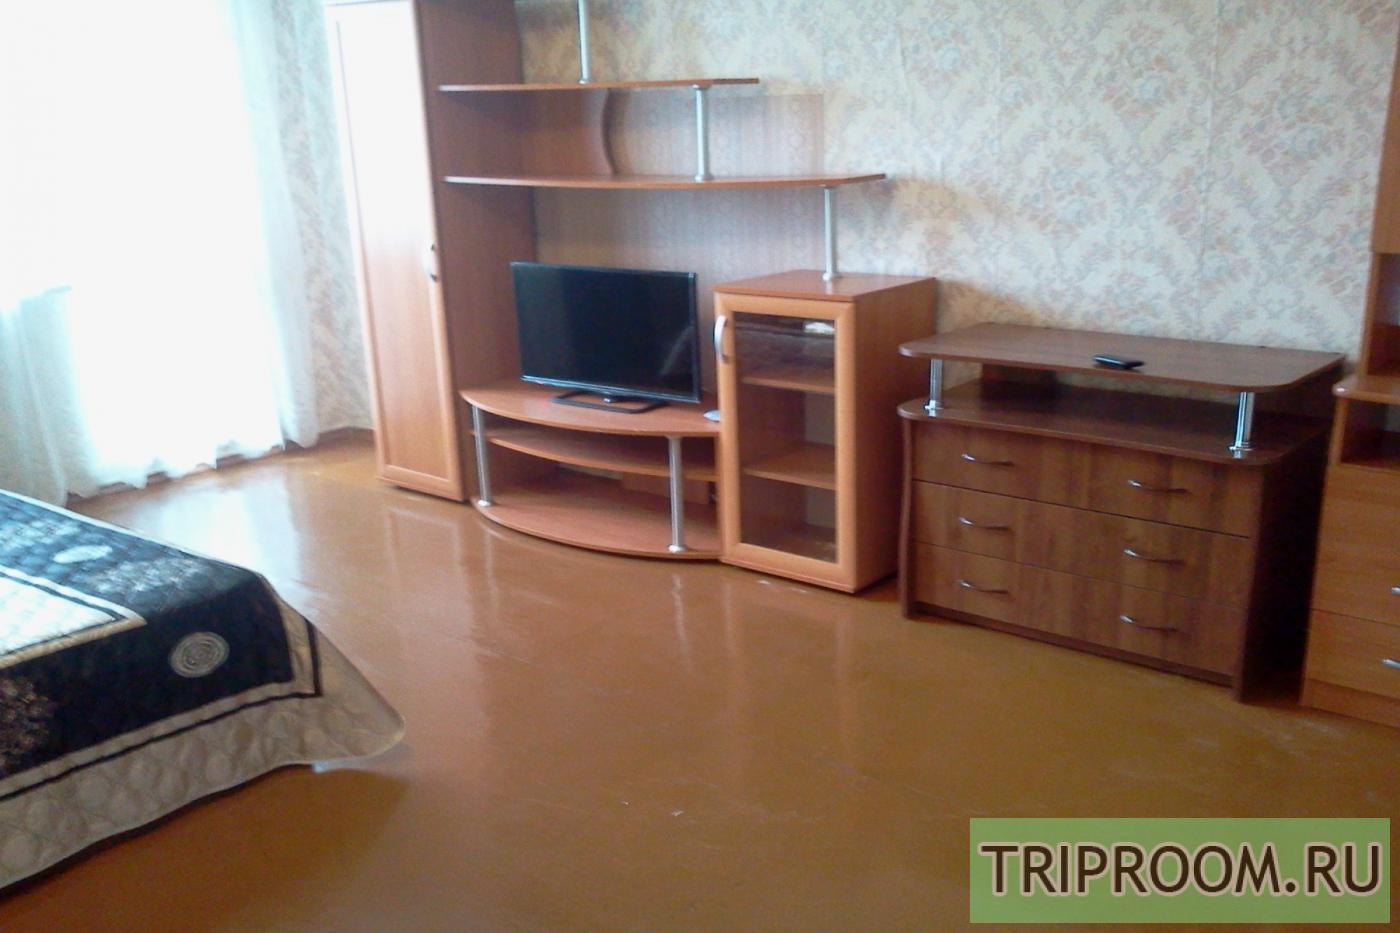 2-комнатная квартира посуточно (вариант № 27908), ул. Советская улица, фото № 4